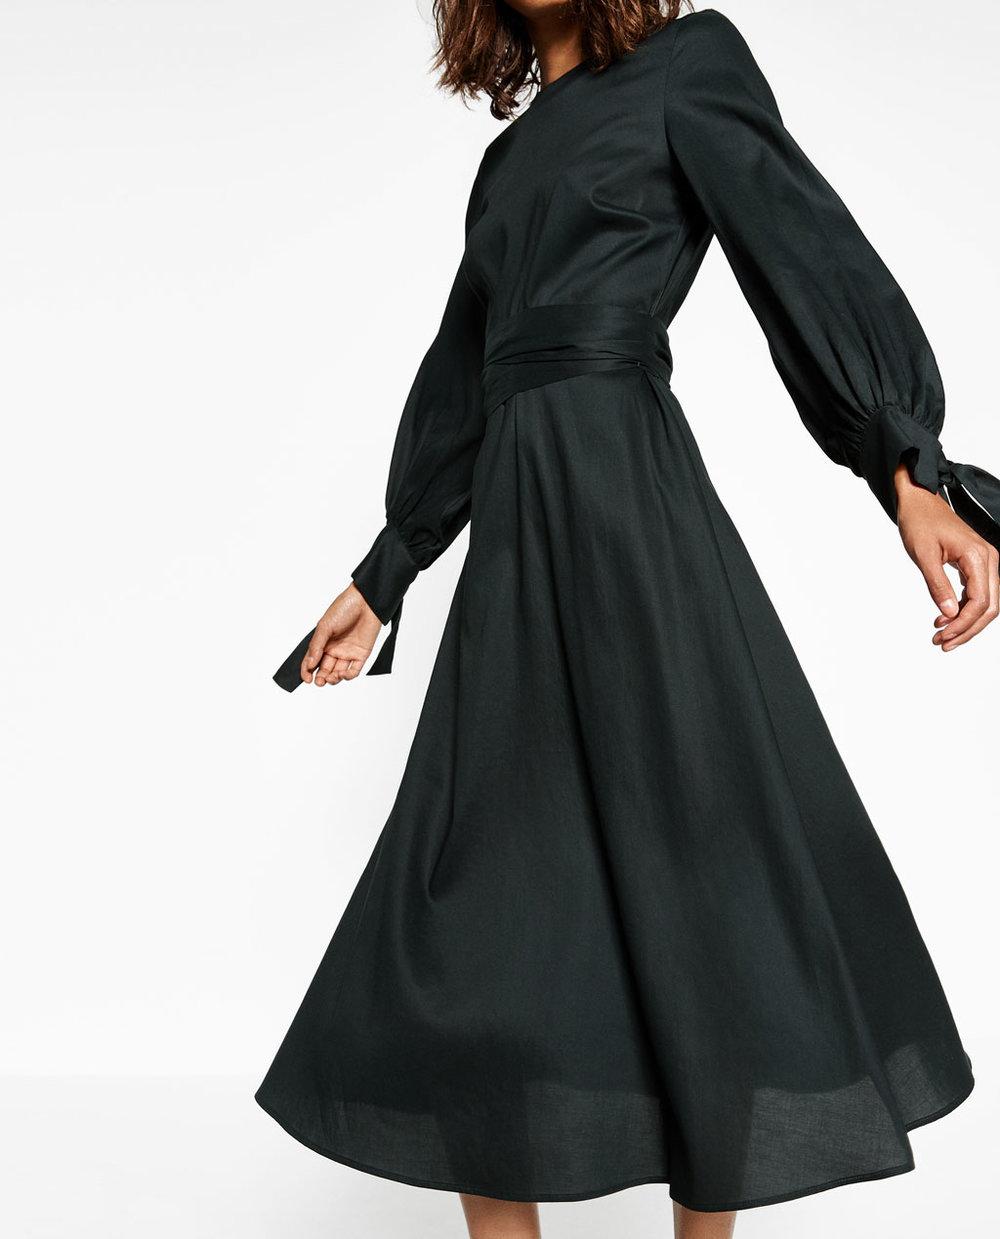 Zara $129.00